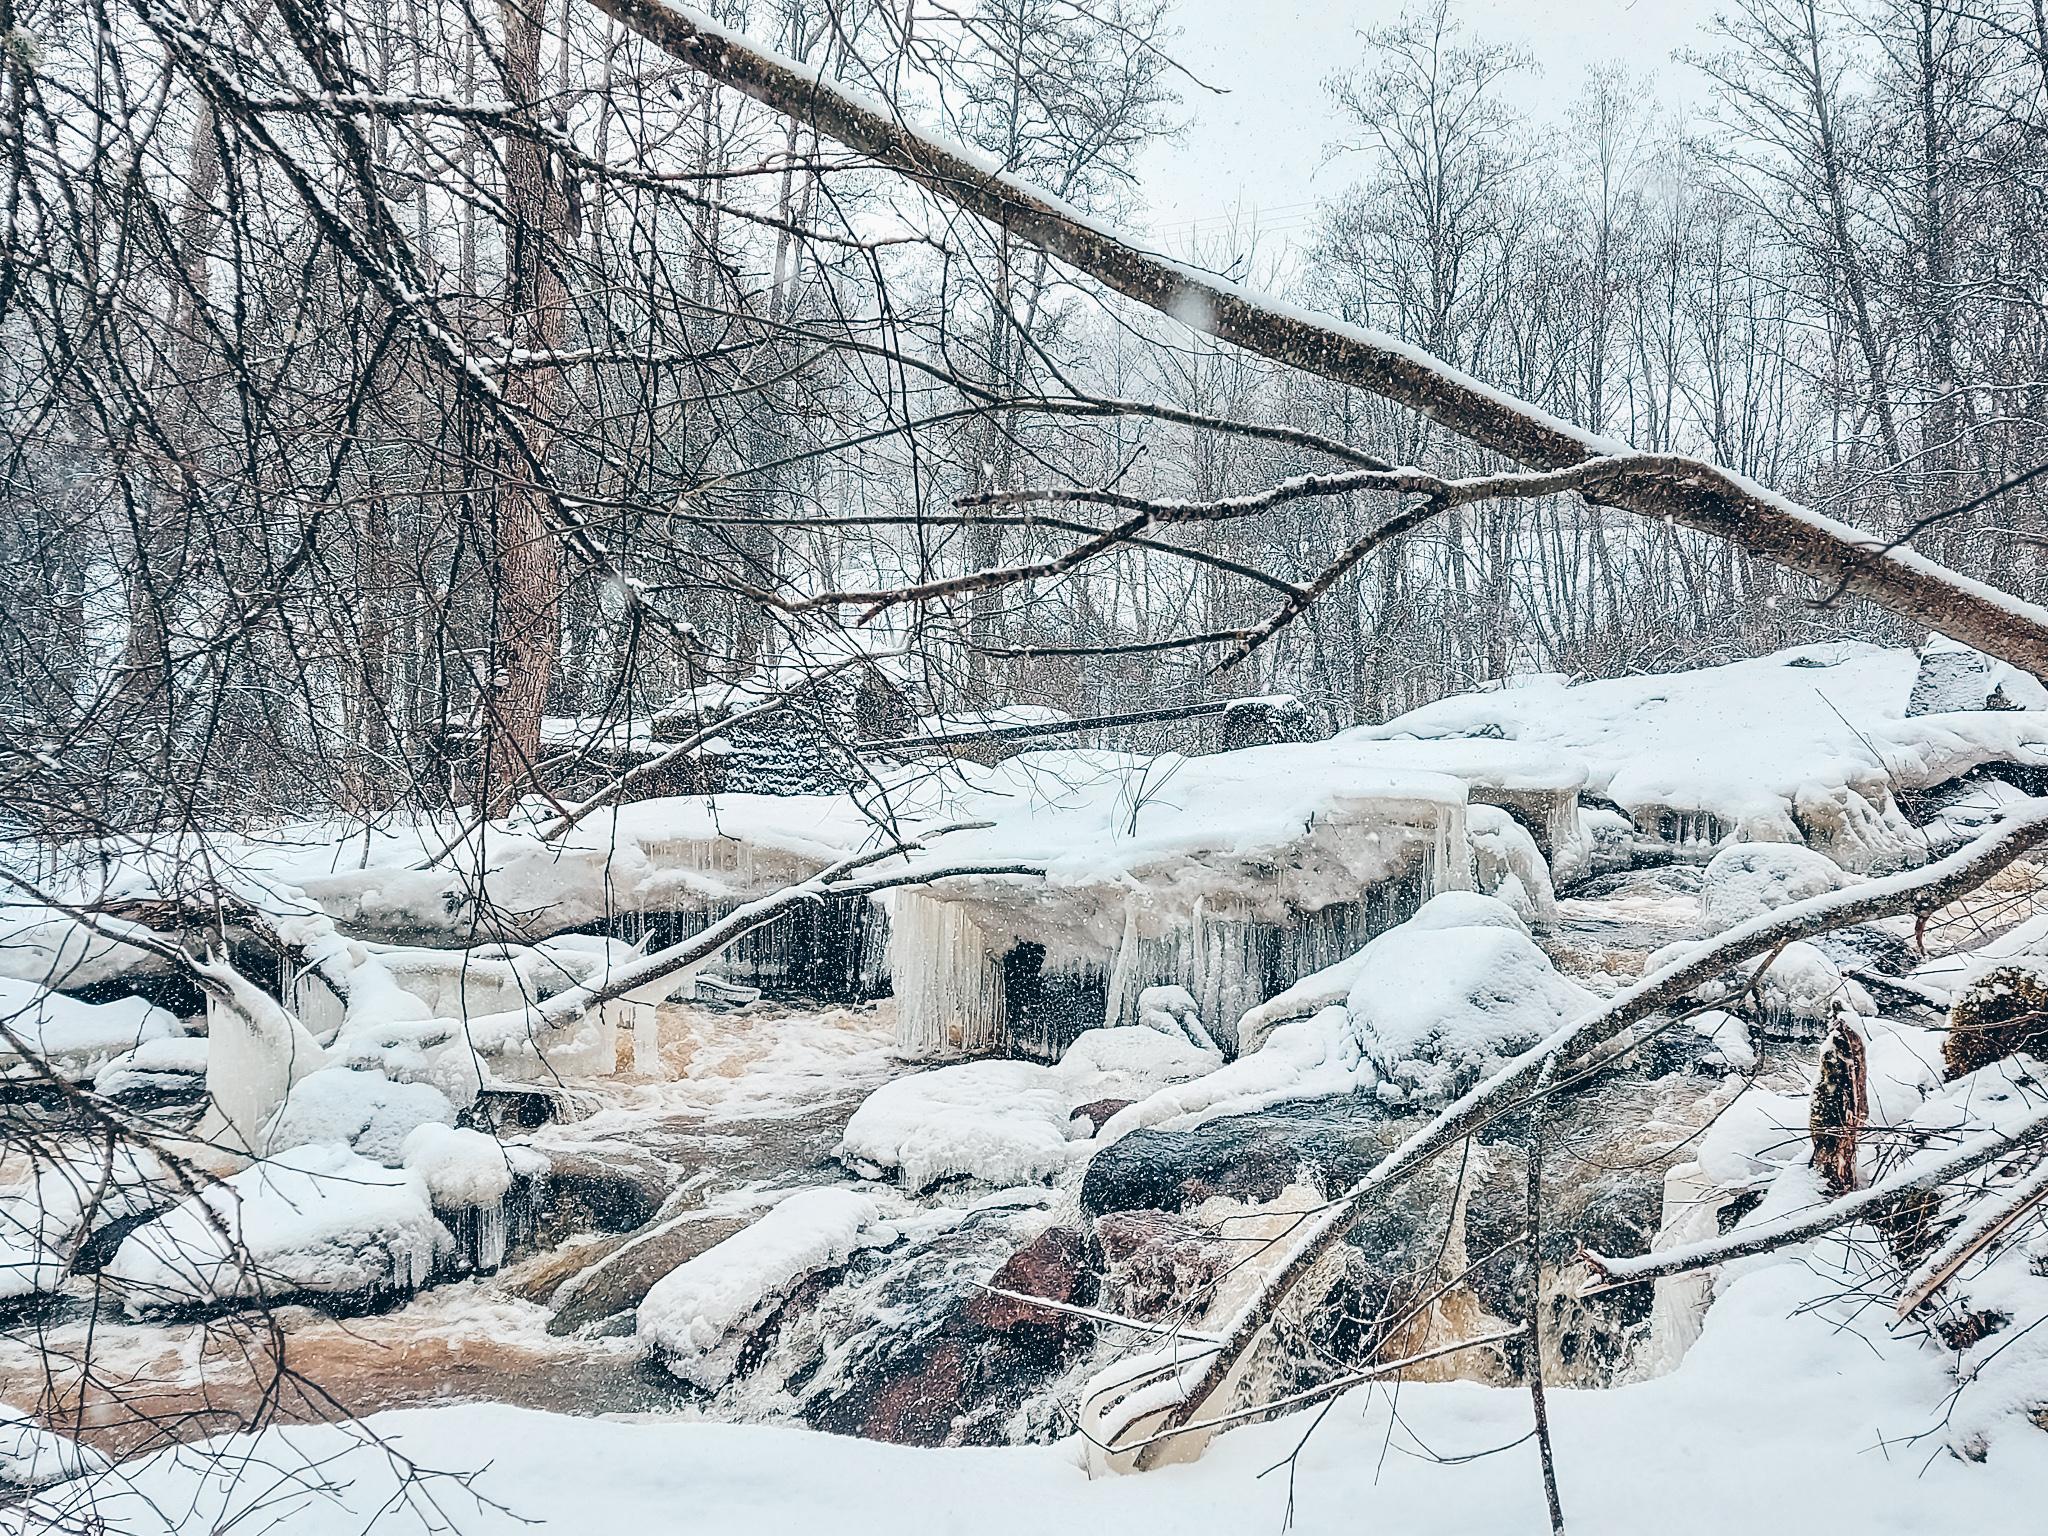 uudenmaan suurin vesiputous Nurmijärvellä